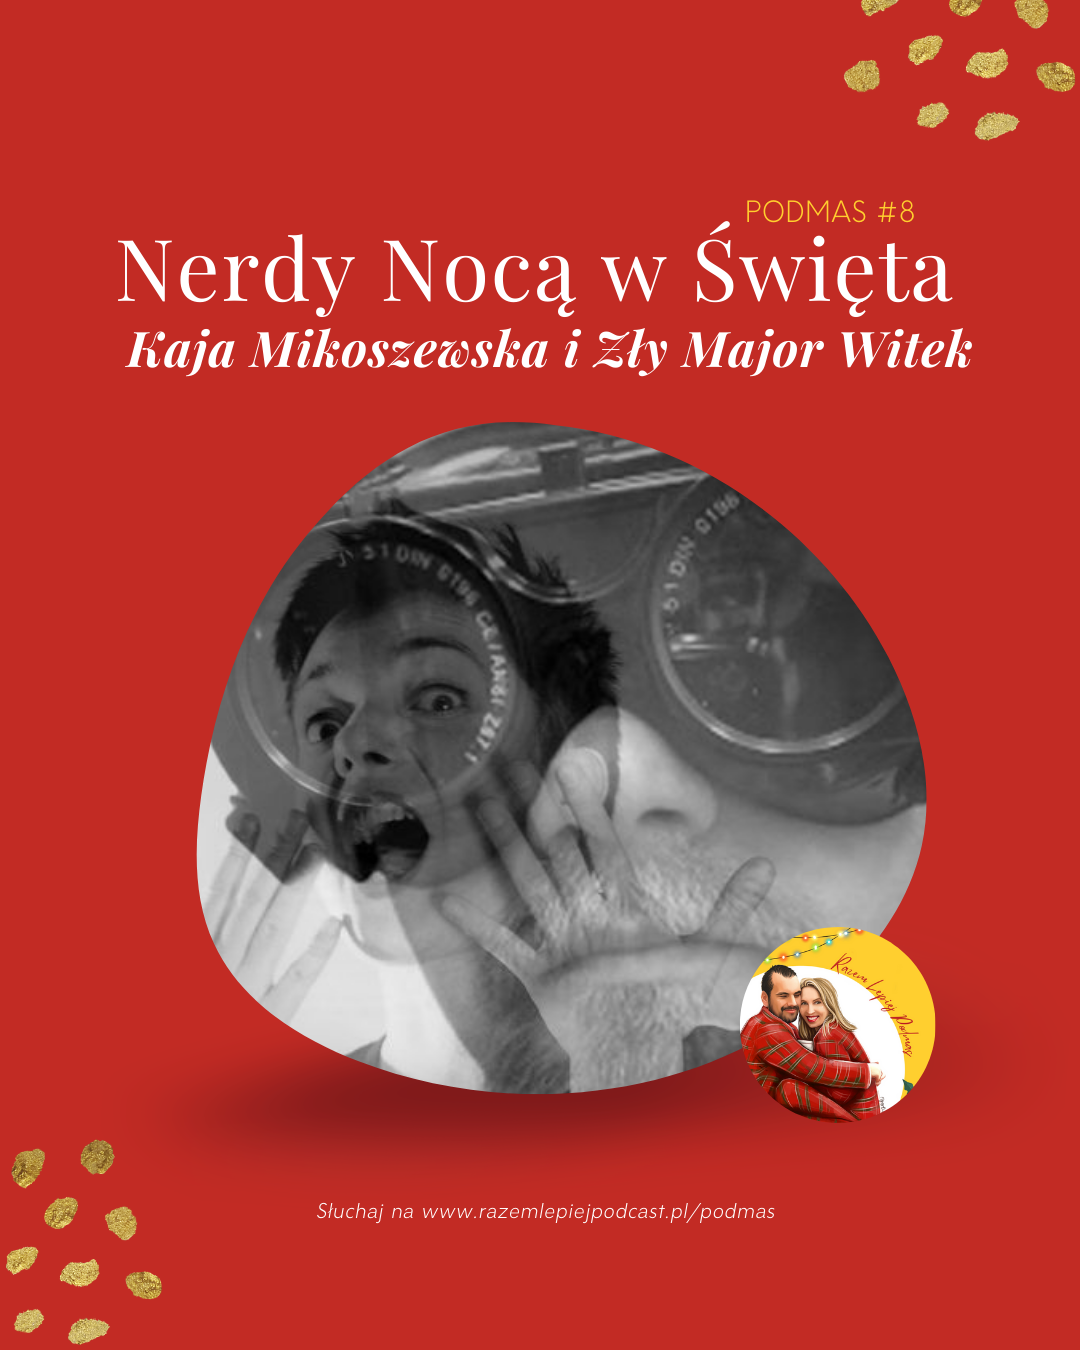 Podmas nr 8, Nerdy Nocą w Święta. Kaja Mikoszewska i Zły Major Witek